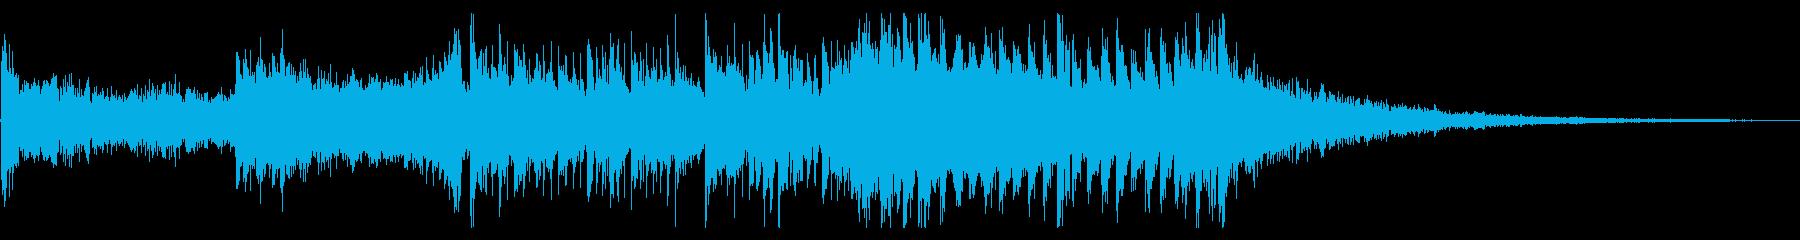 シネマティックで迫力があってカッコいい曲の再生済みの波形